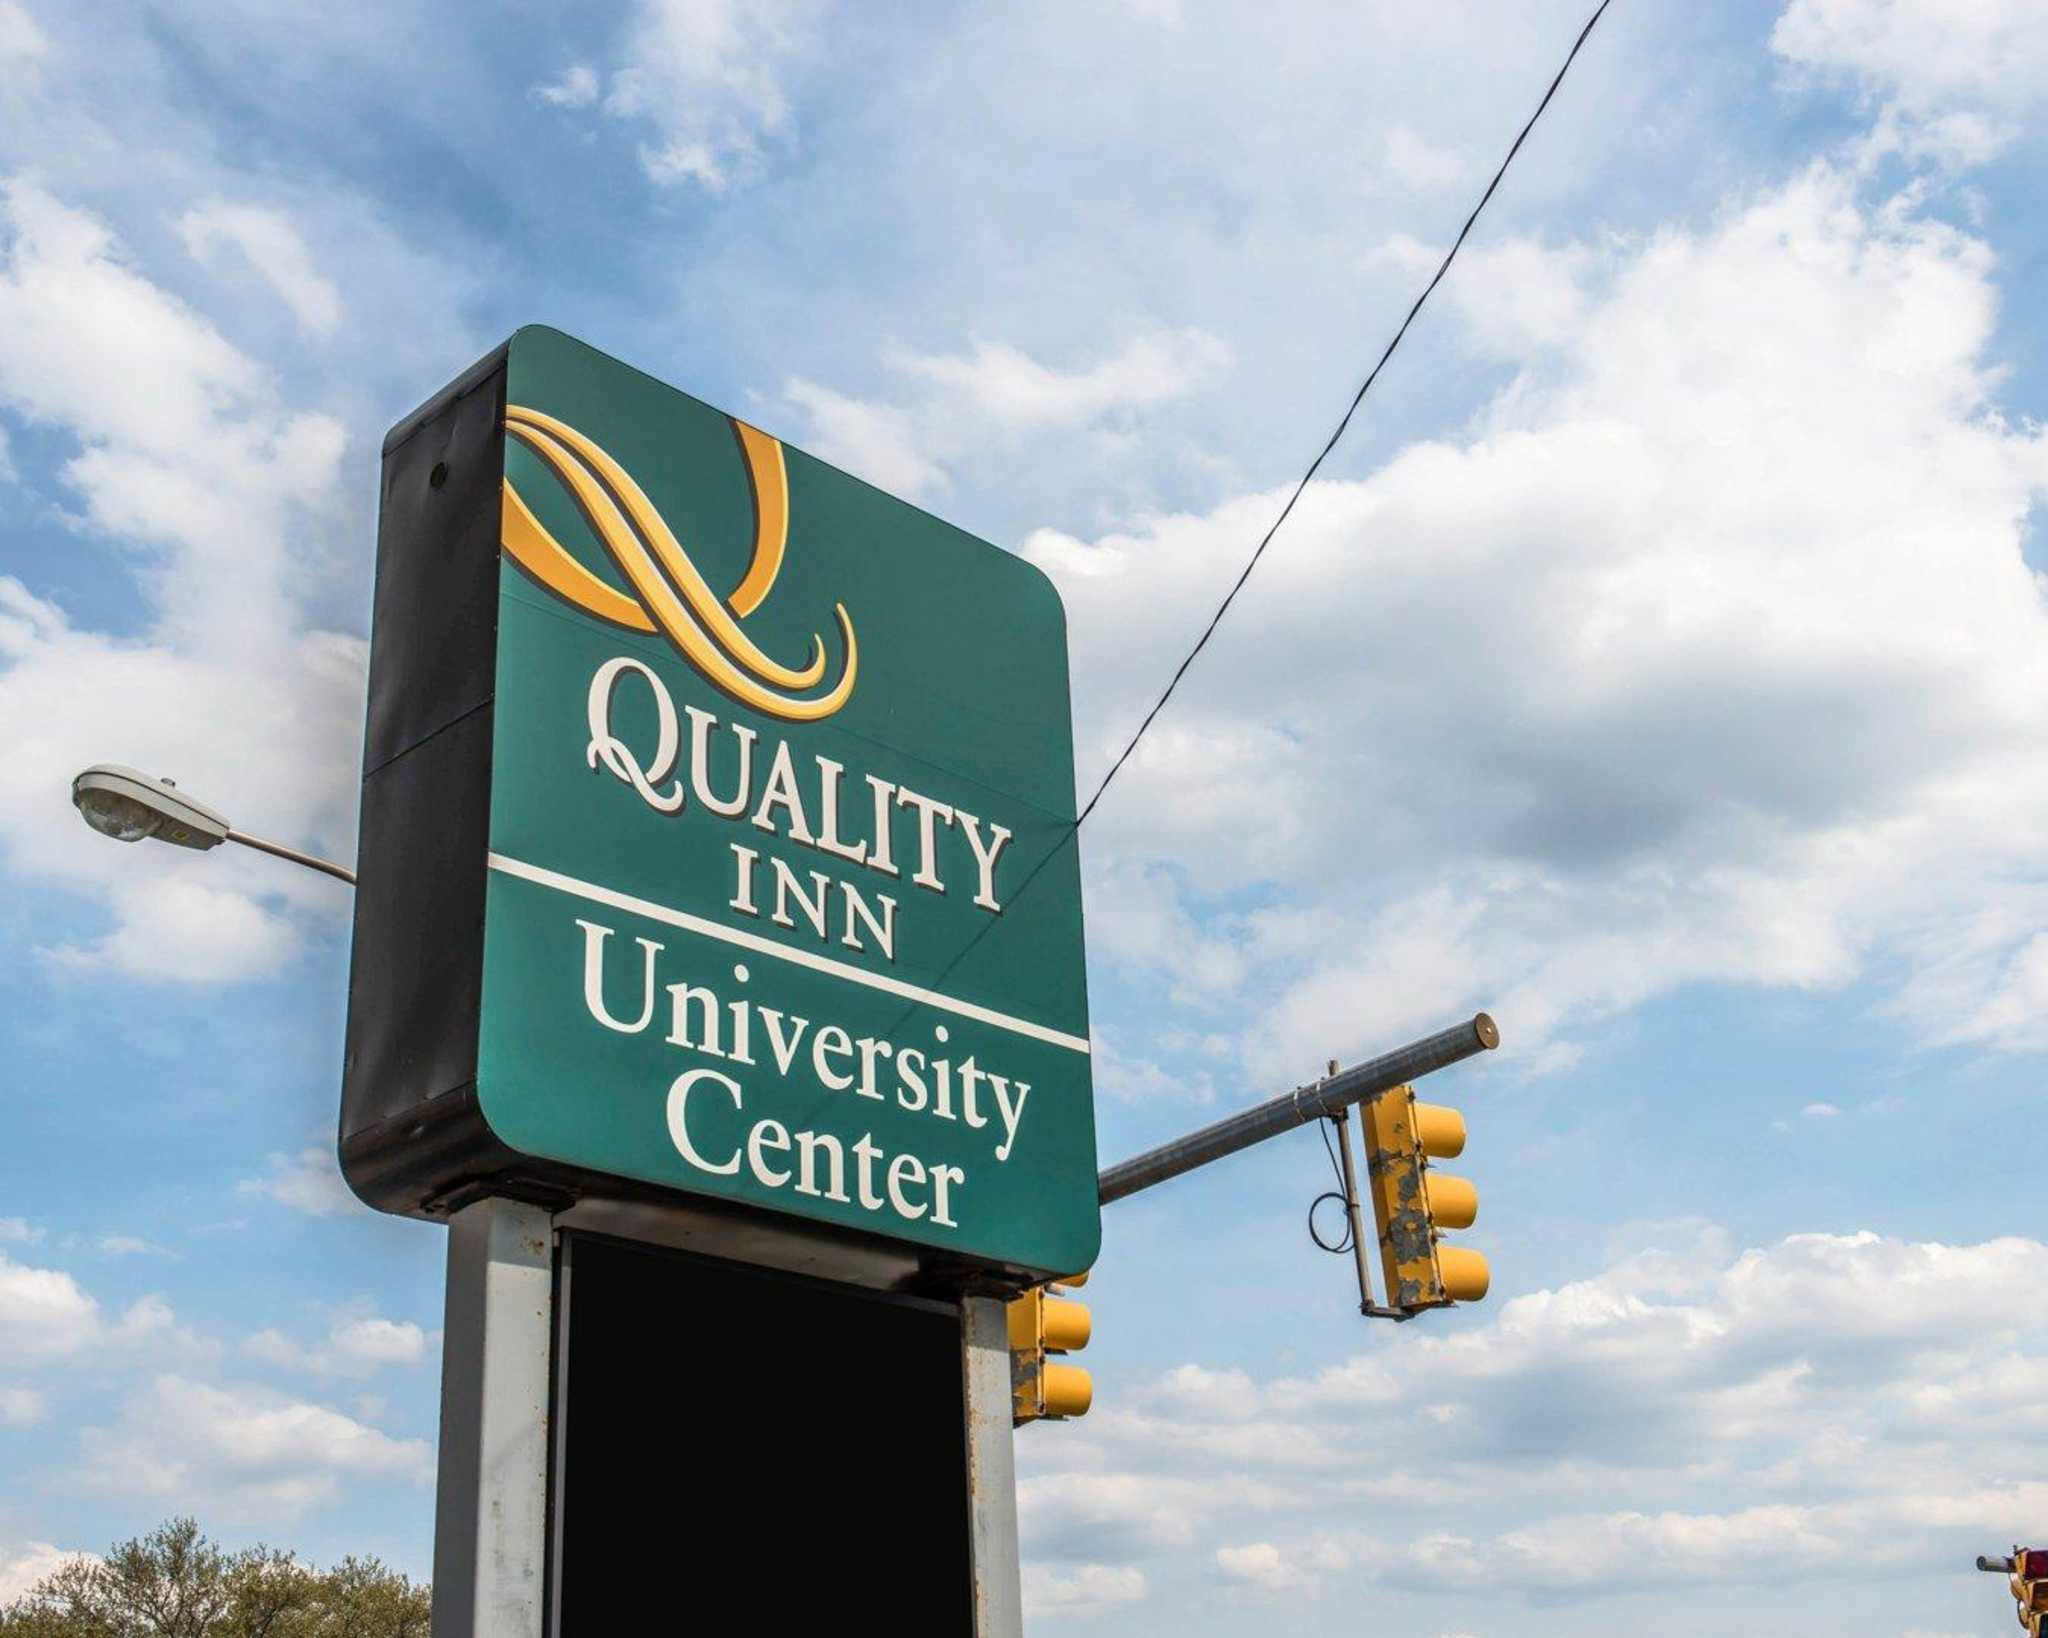 Quality Inn University Center image 3